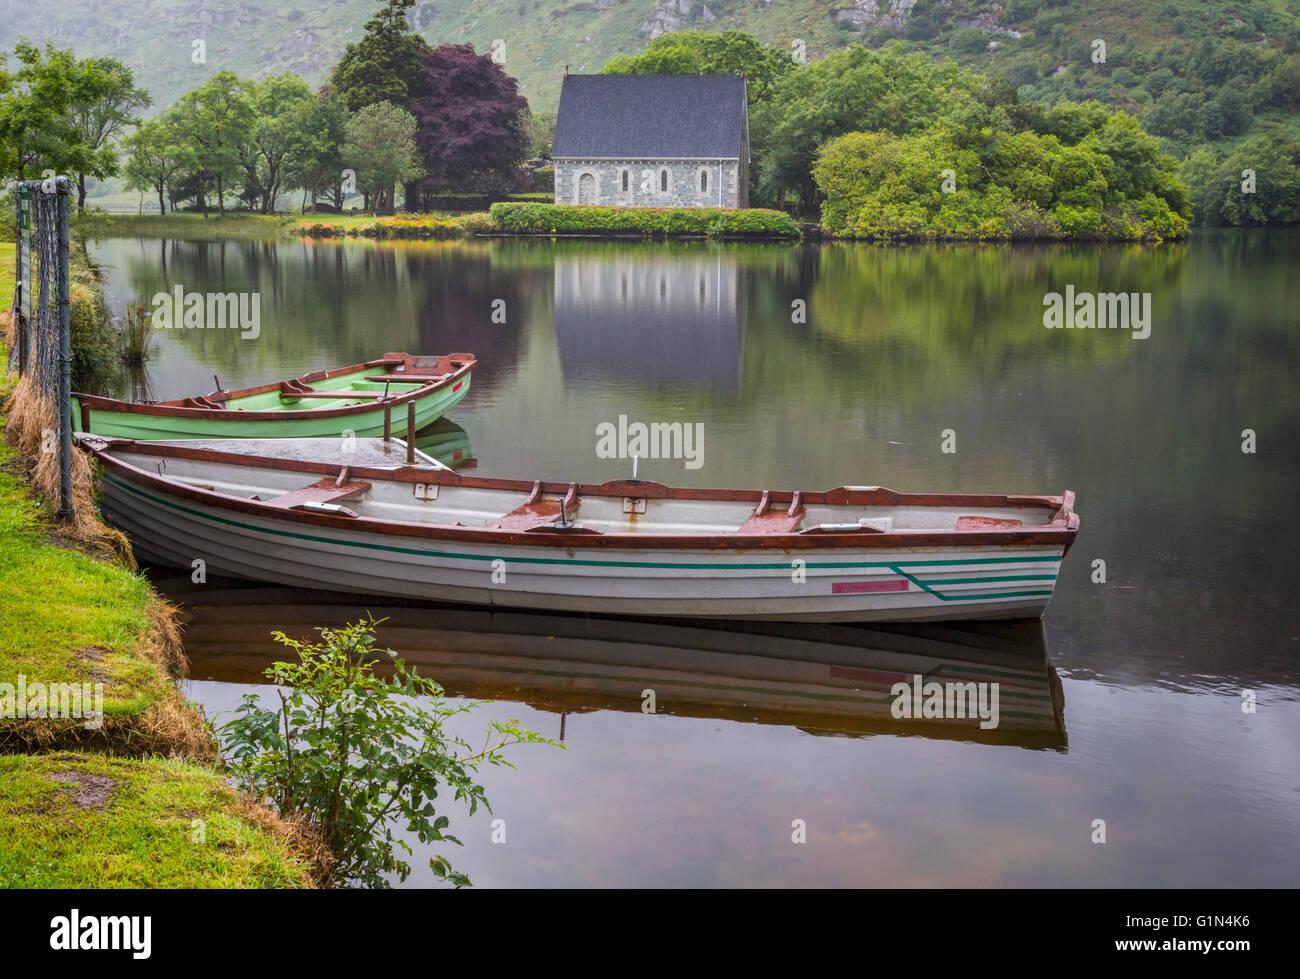 Gougane Barra, comté de Cork, République d'Irlande. L'Irlande. La recherche à travers l'aviron Photo Stock